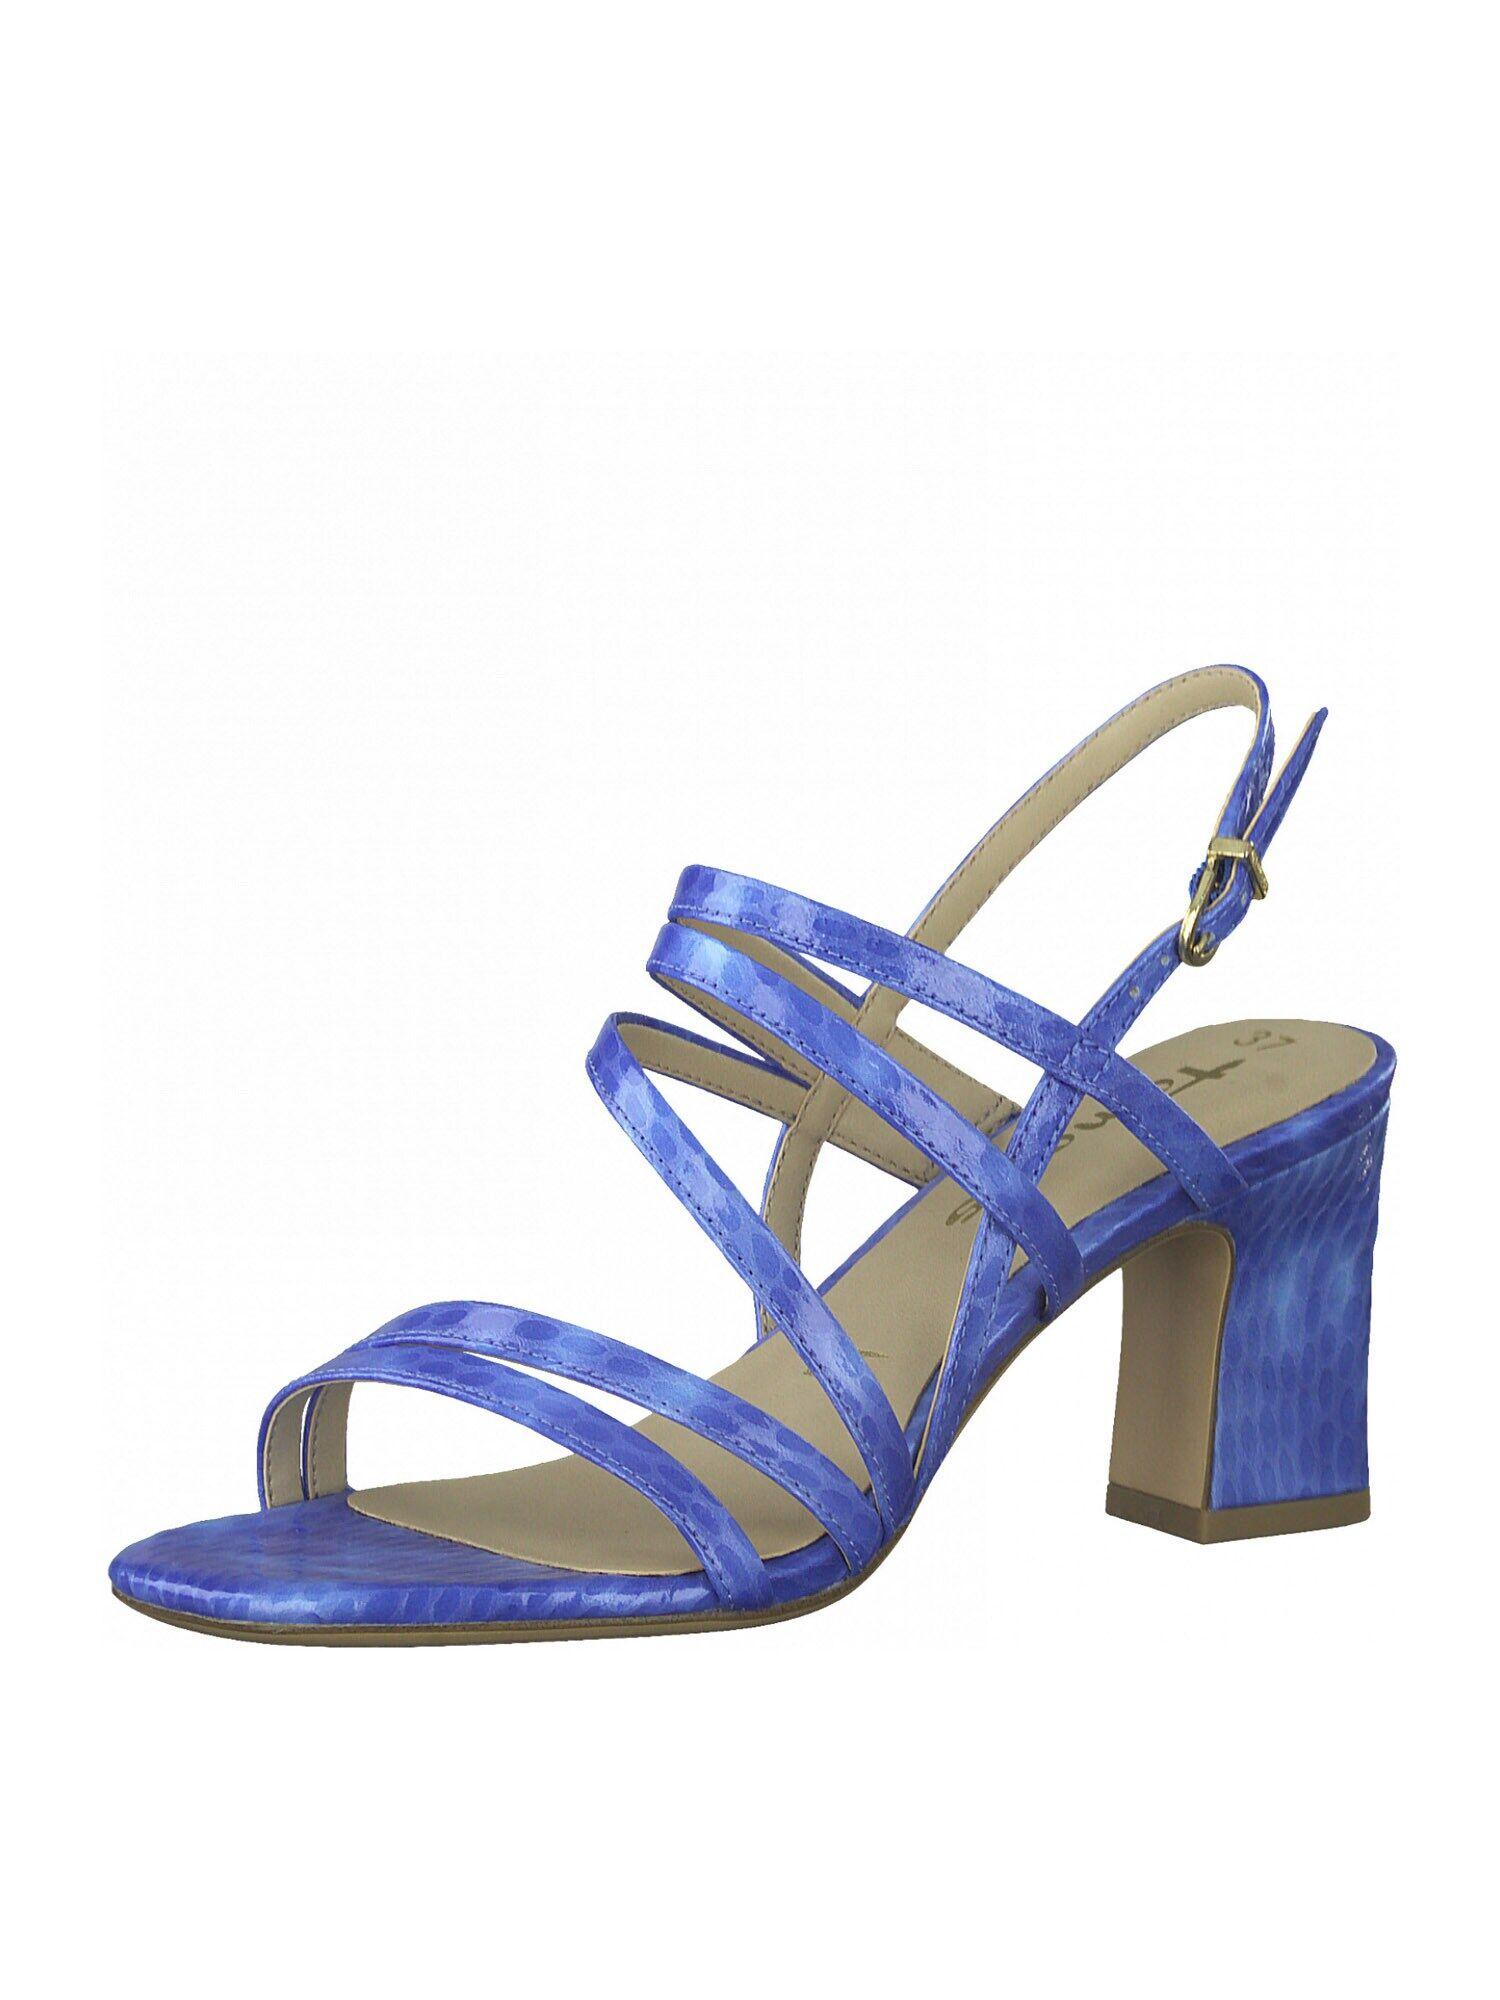 TAMARIS Sandales à lanières  - Bleu - Taille: 41 - female